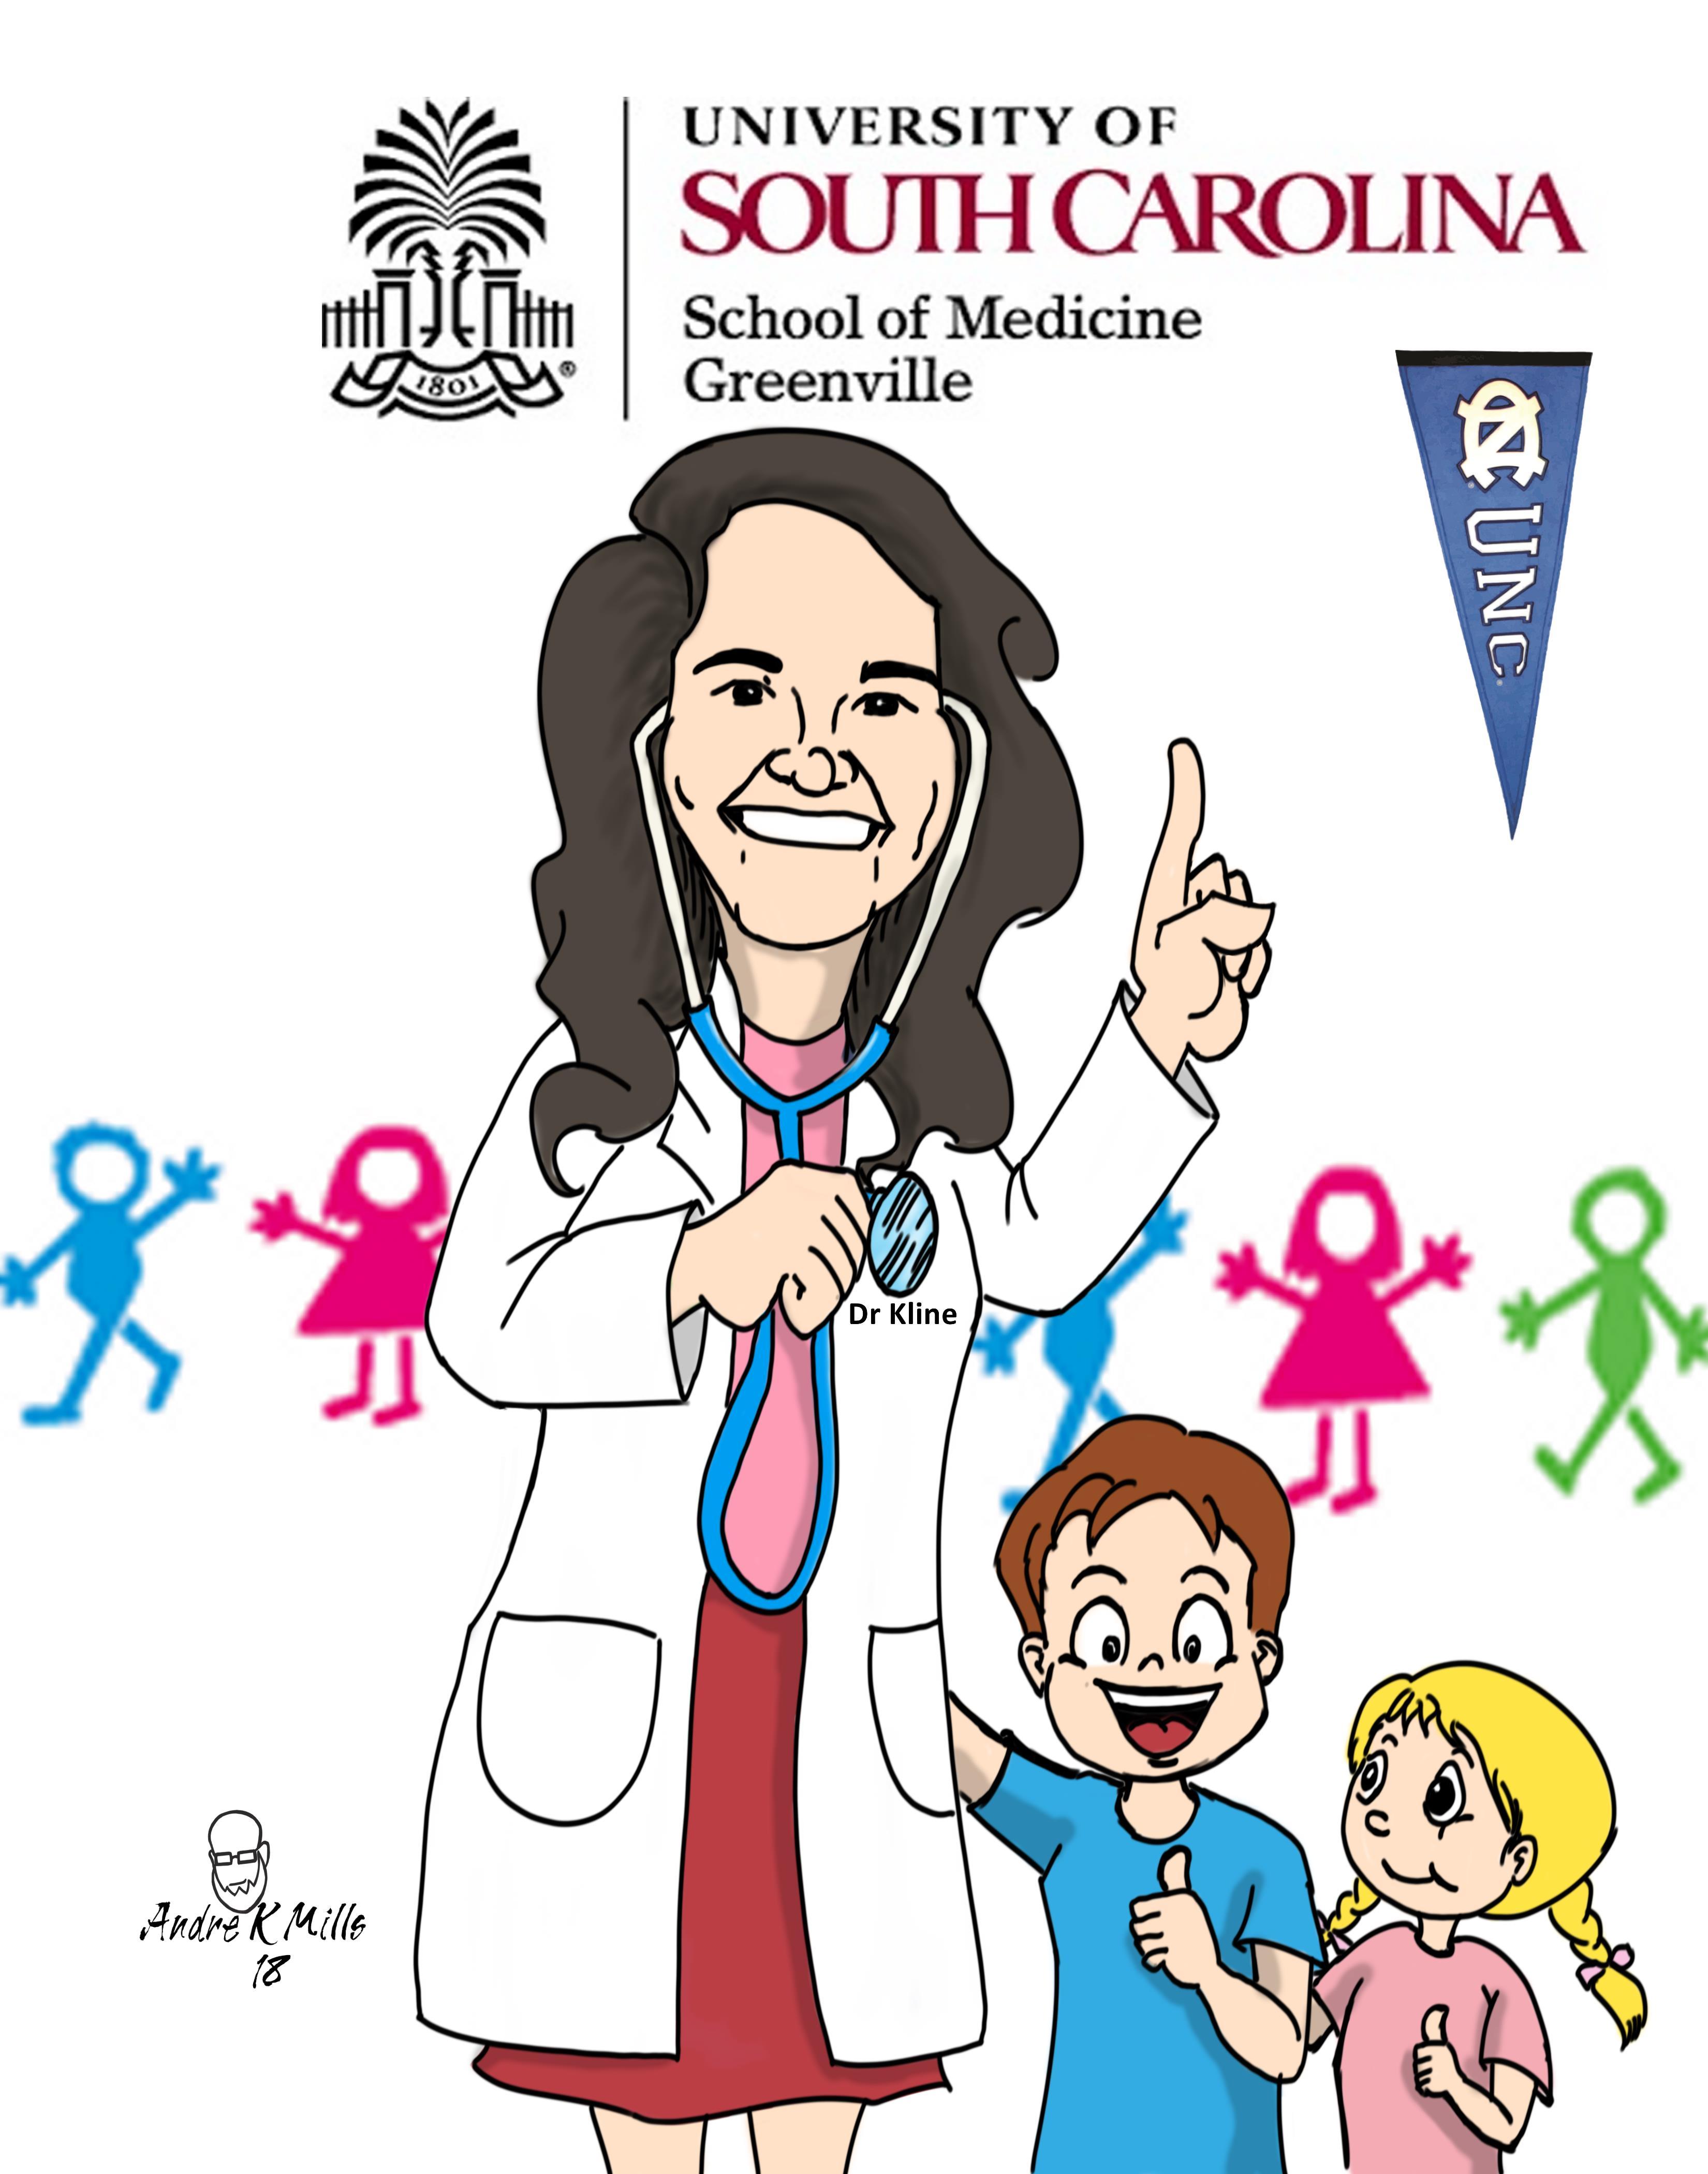 Dr Kline